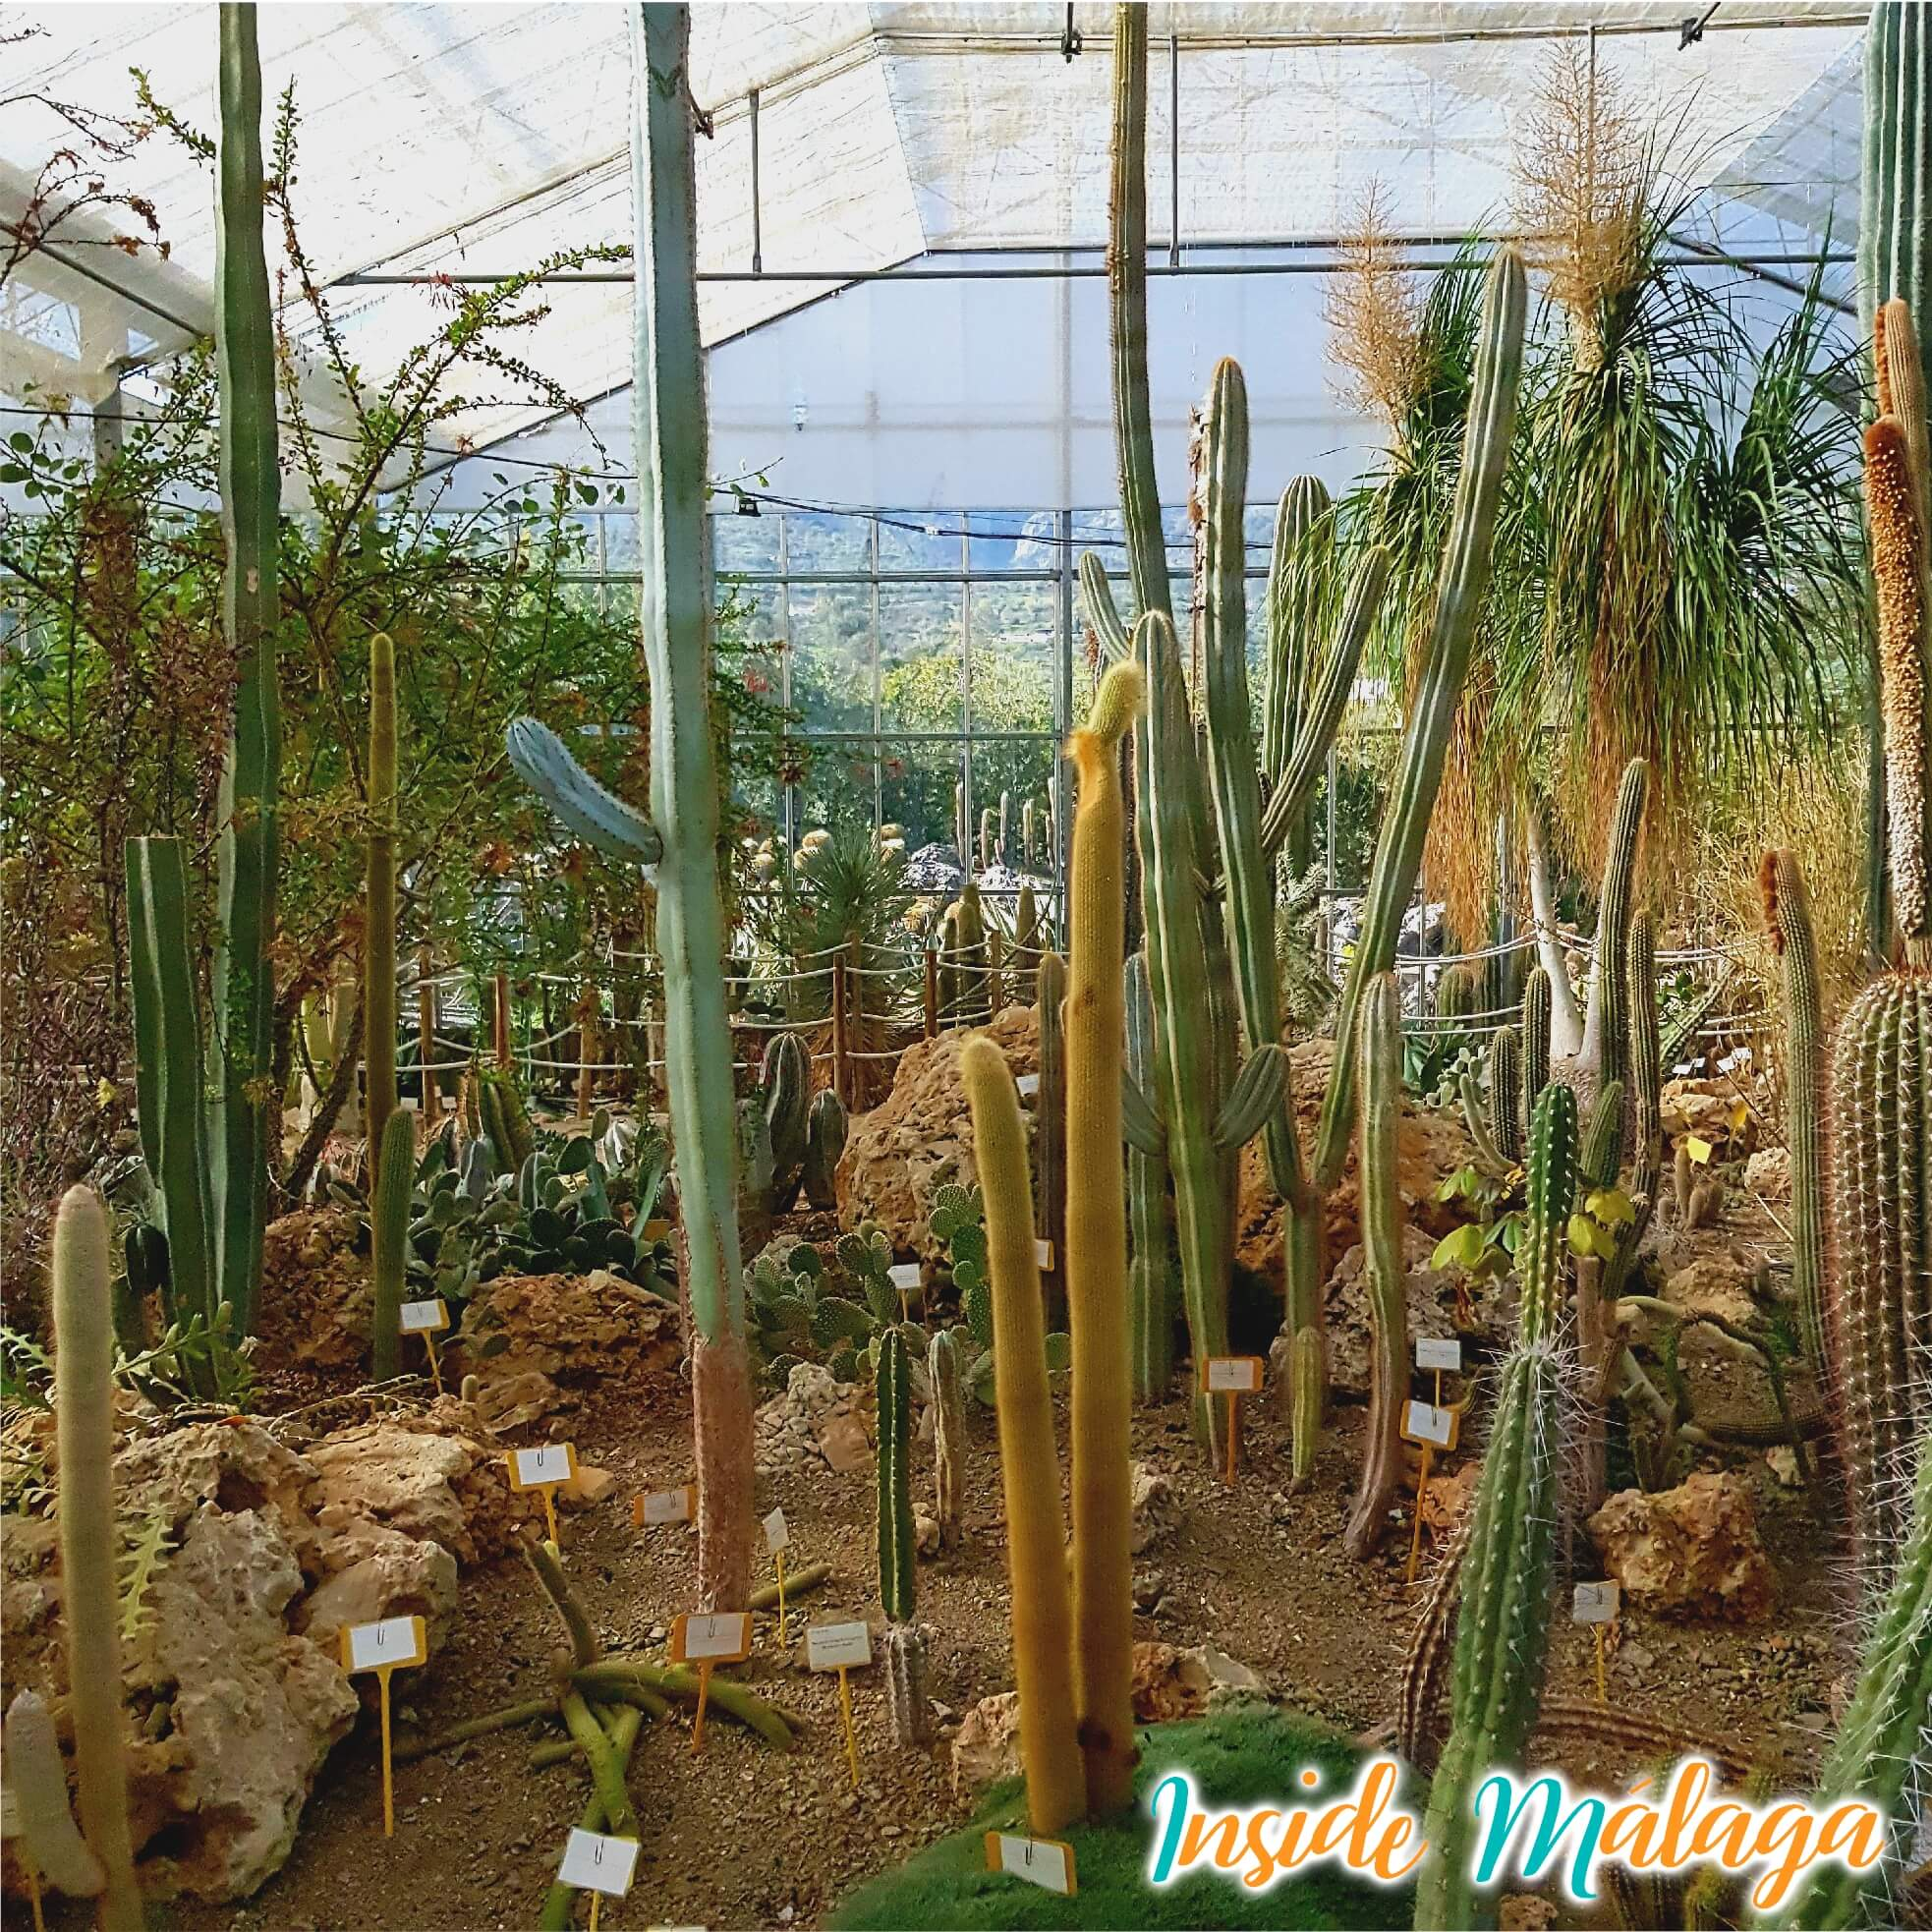 Cactus Garden Casarabonela Malaga